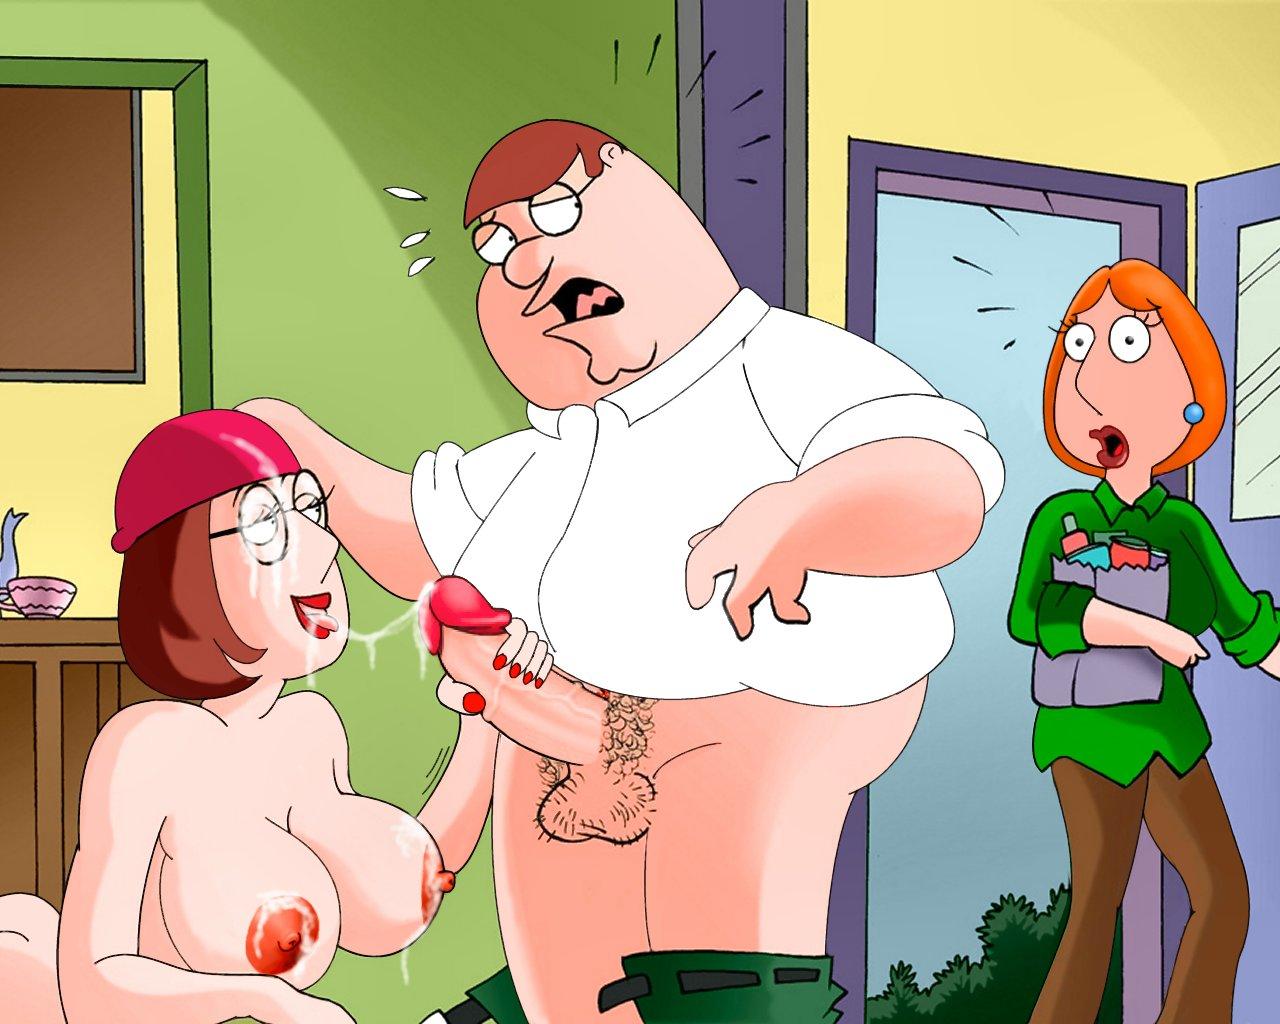 Naked women in family guy